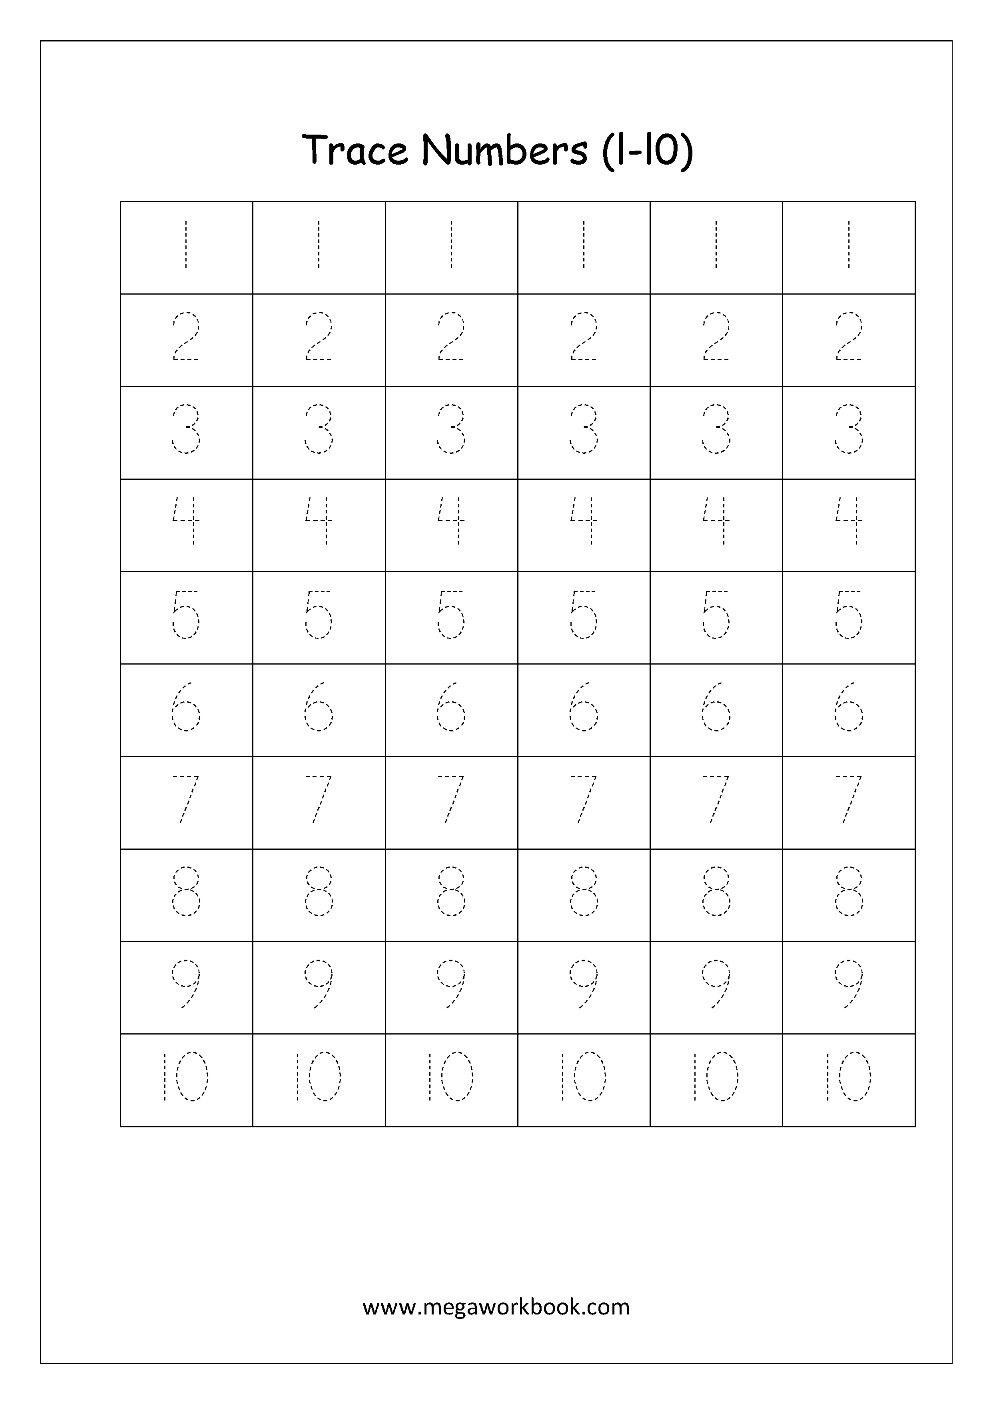 Pin By Engdoaa On Worksheets For Kg And Pre Kg Free Preschool Worksheets Numbers Preschool Printables Writing Practice Kindergarten [ 1403 x 992 Pixel ]